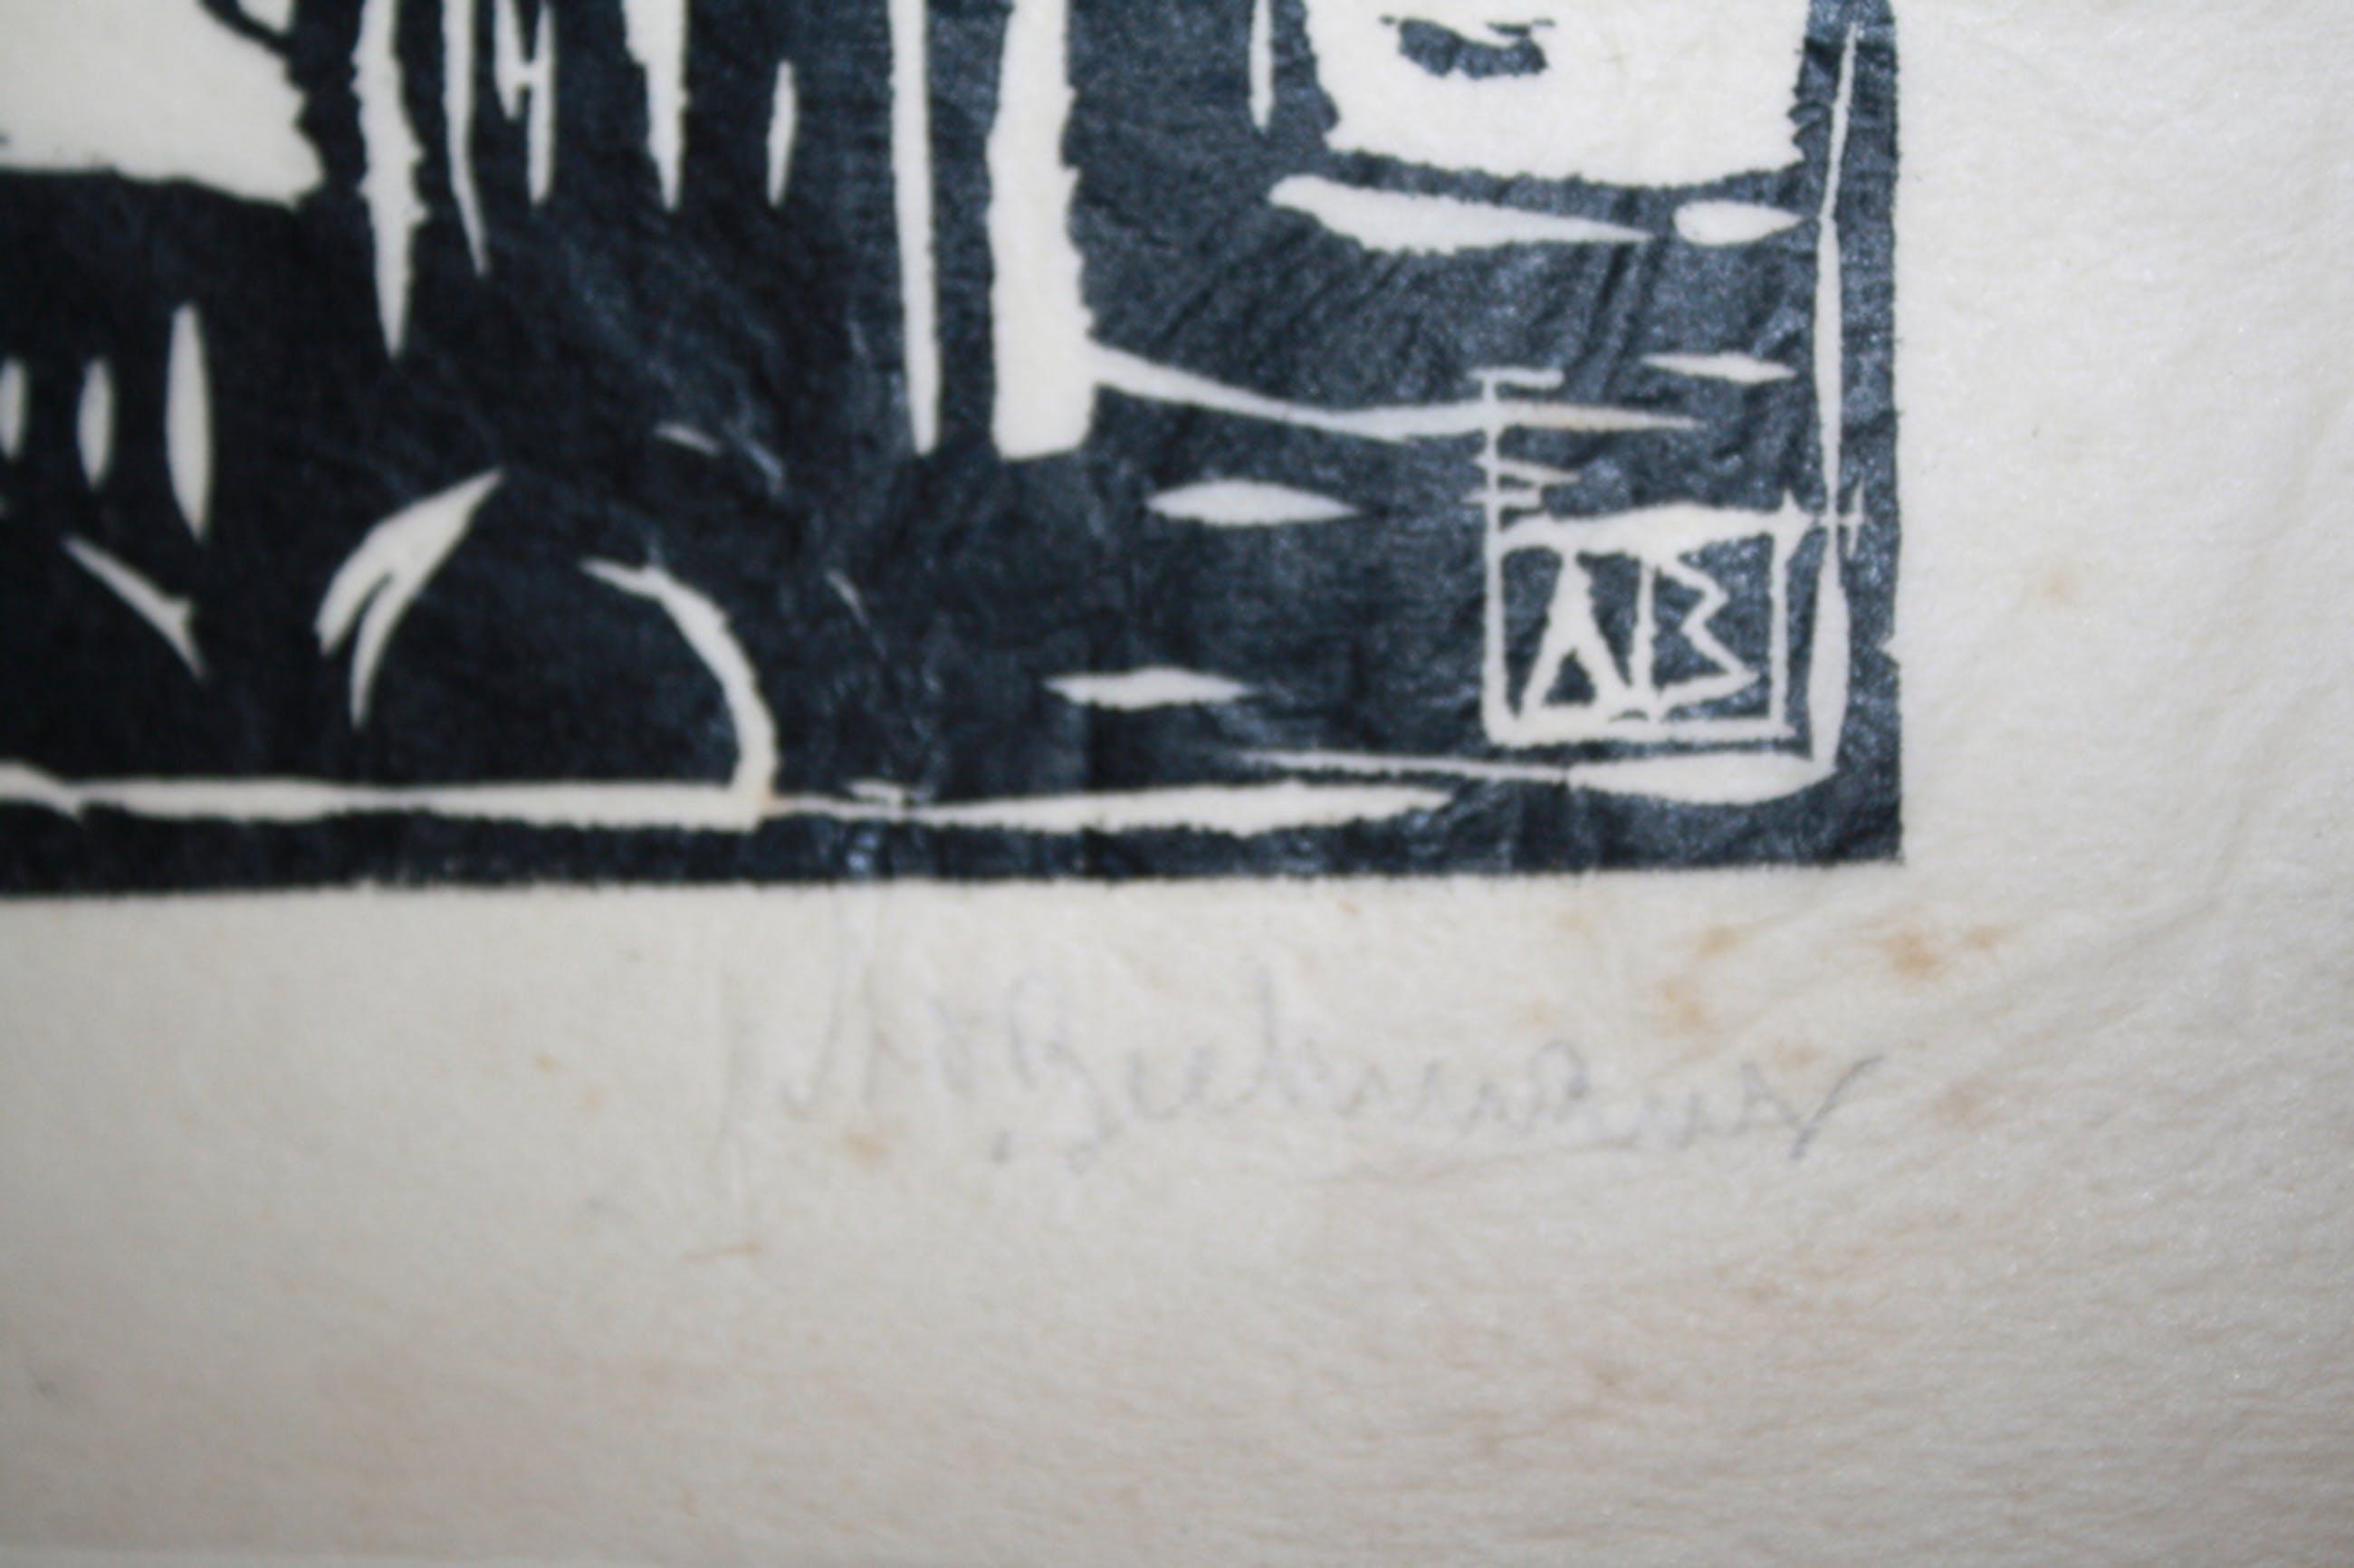 APPELKADE HARDERWIJK 1929  - HOUTSNEDE door AD BEEKMANS kopen? Bied vanaf 1!